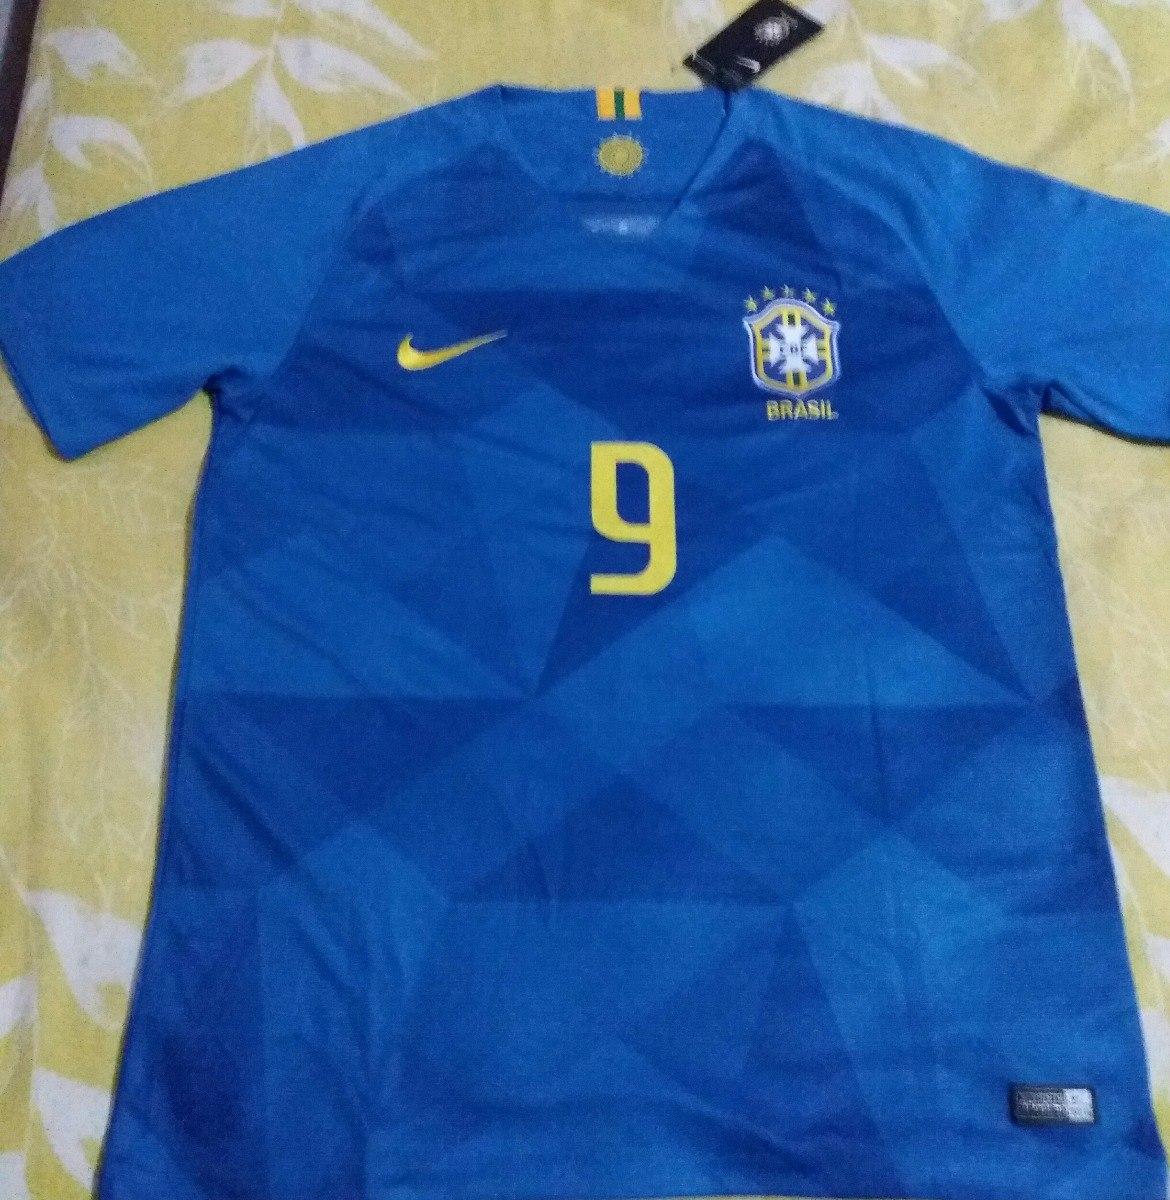 d56055f48e Carregando zoom. camisa seleção brasil ii 2018 nº 9 g. jesus - torcedor nike .